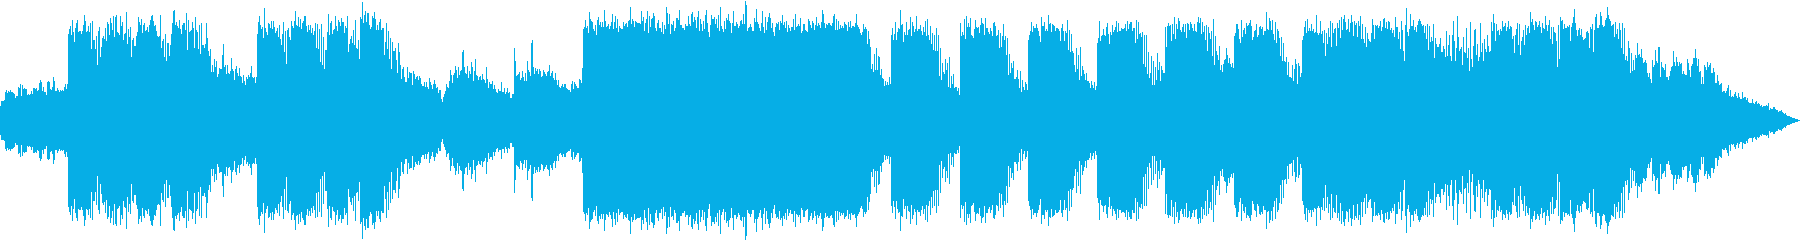 大自然をイメージの再生済みの波形